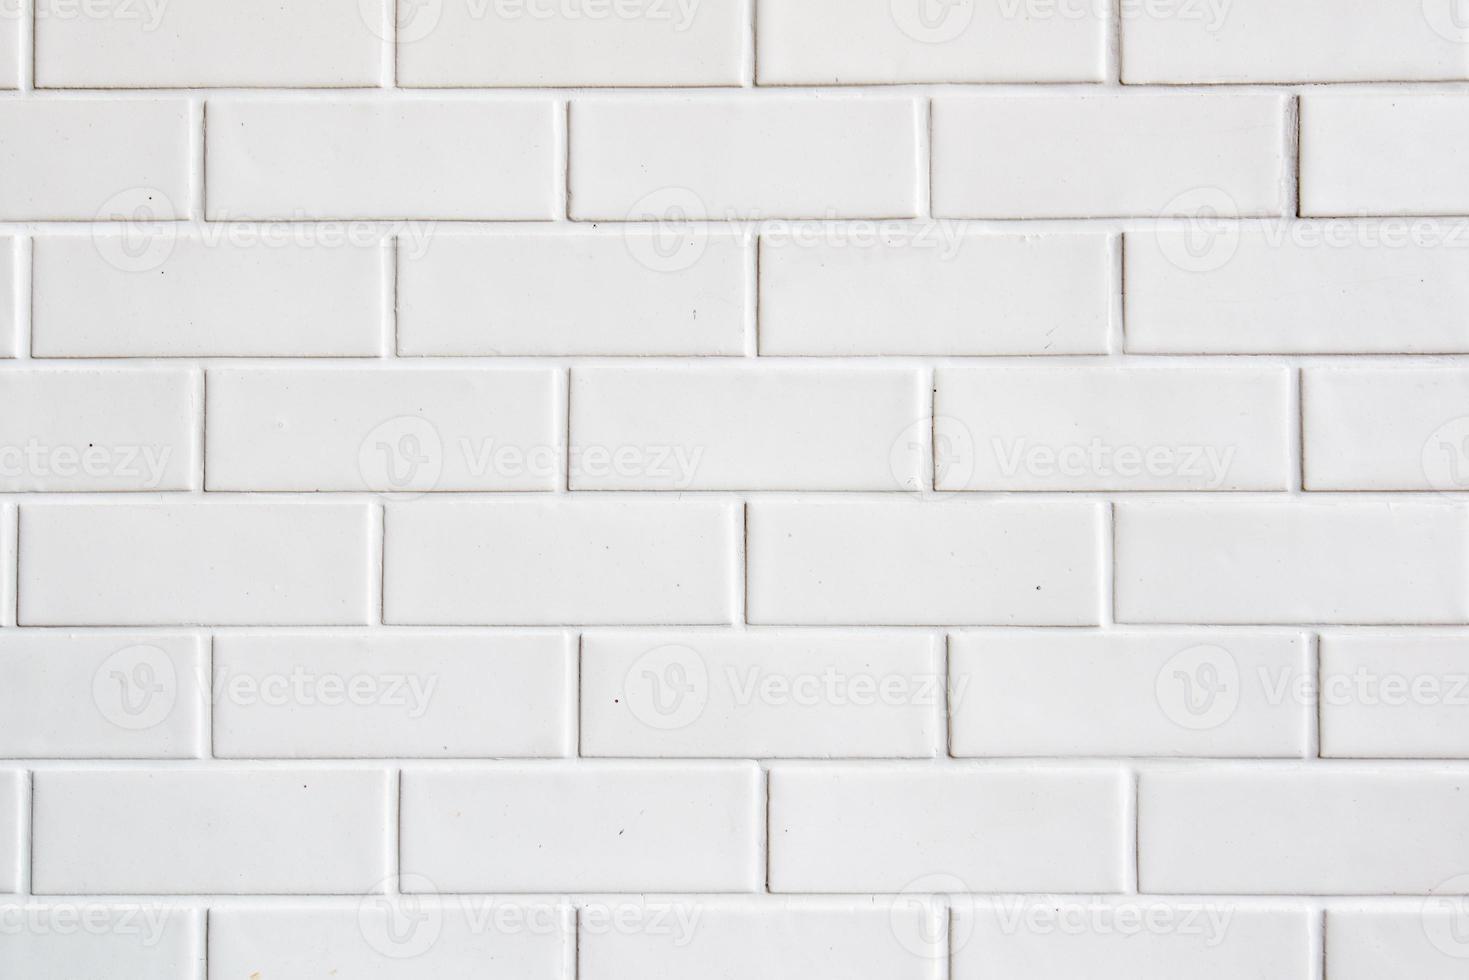 muro di mattoni bianchi ad alta risoluzione. foto